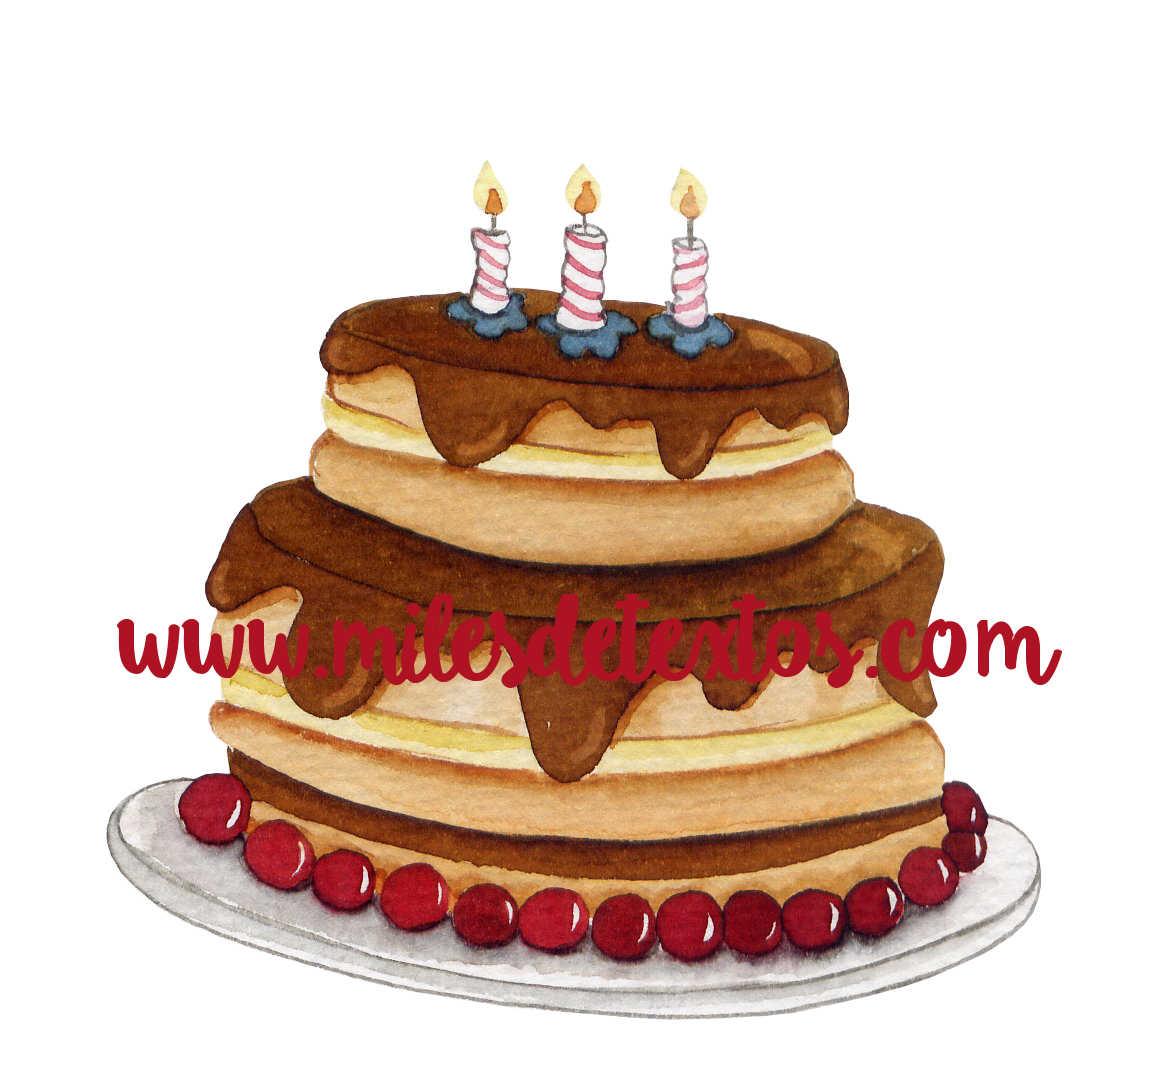 tarta-www.milesdetextos.com